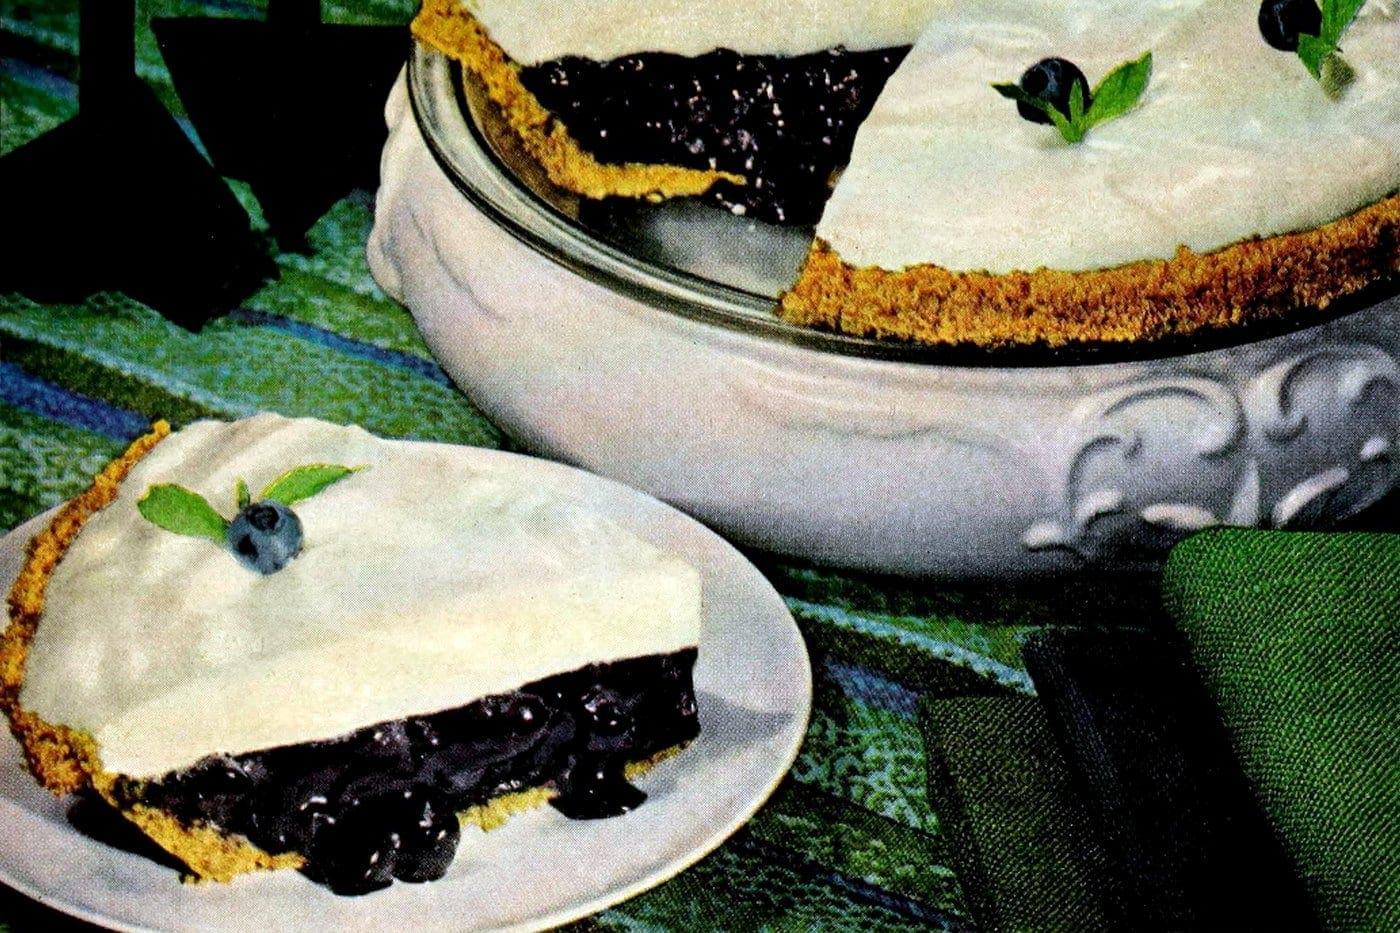 Blueberry-marshmallow pie